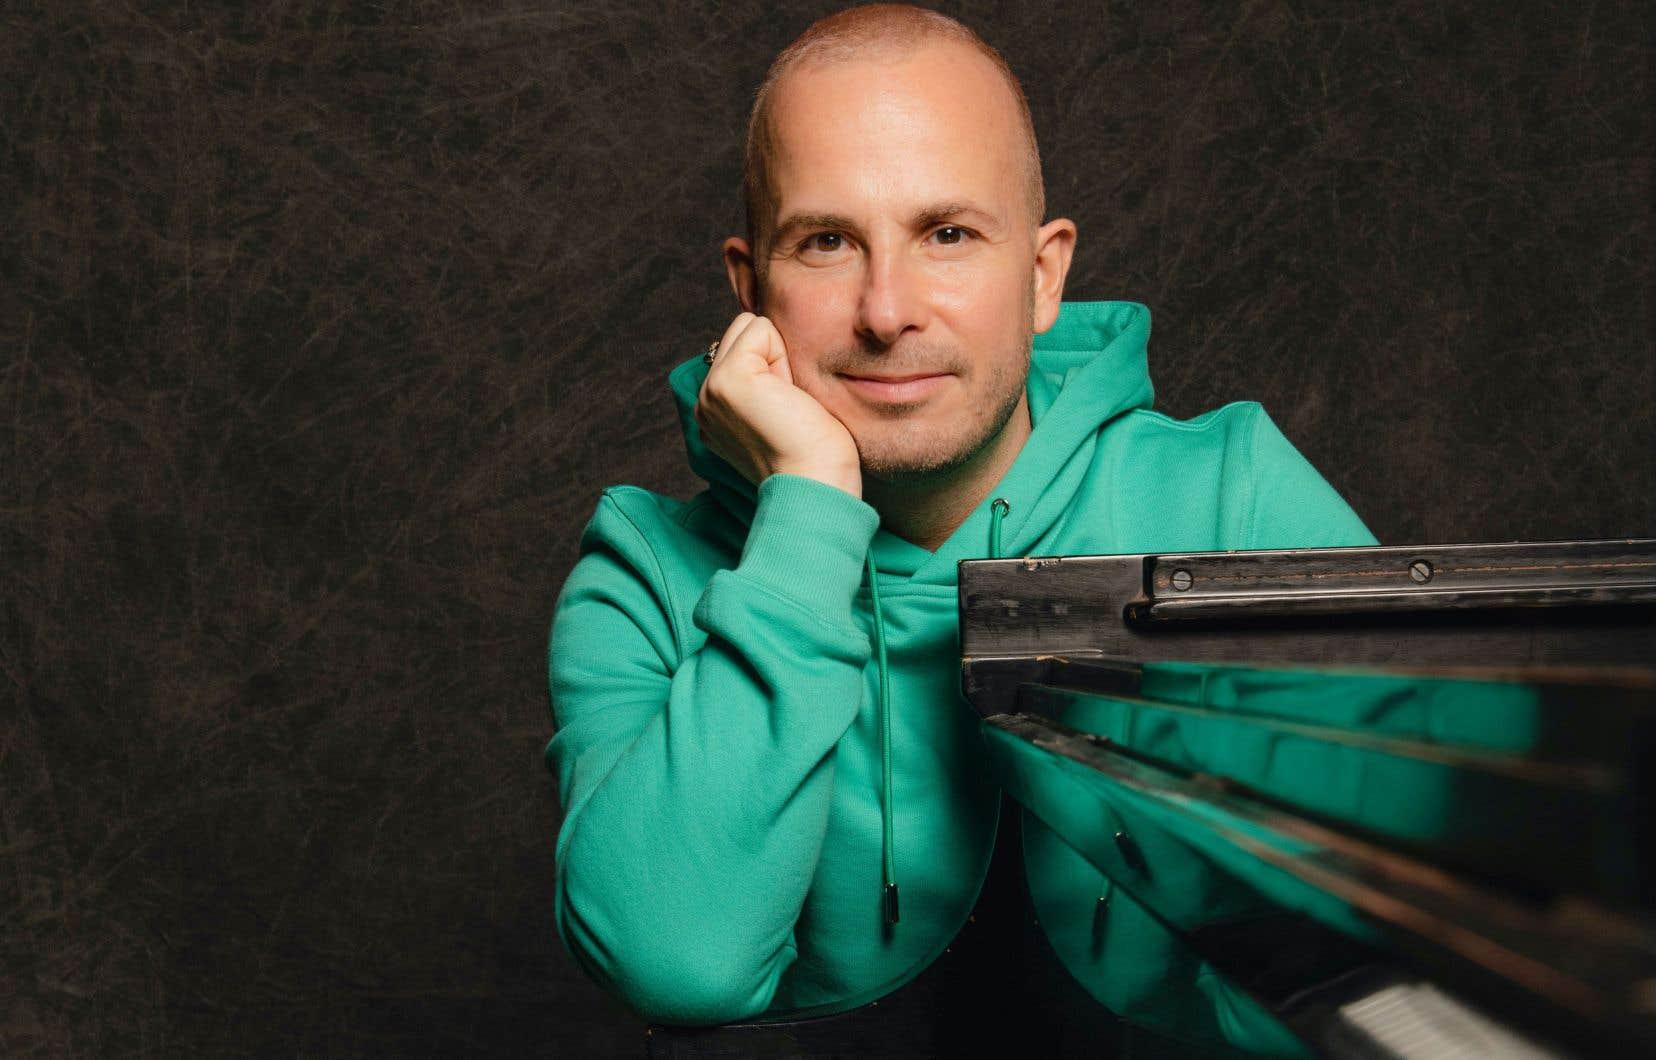 Les sessions pianistiques de Yannick Nézet-Séguin furent pour lui un exutoire pendant l'été de la pandémie.